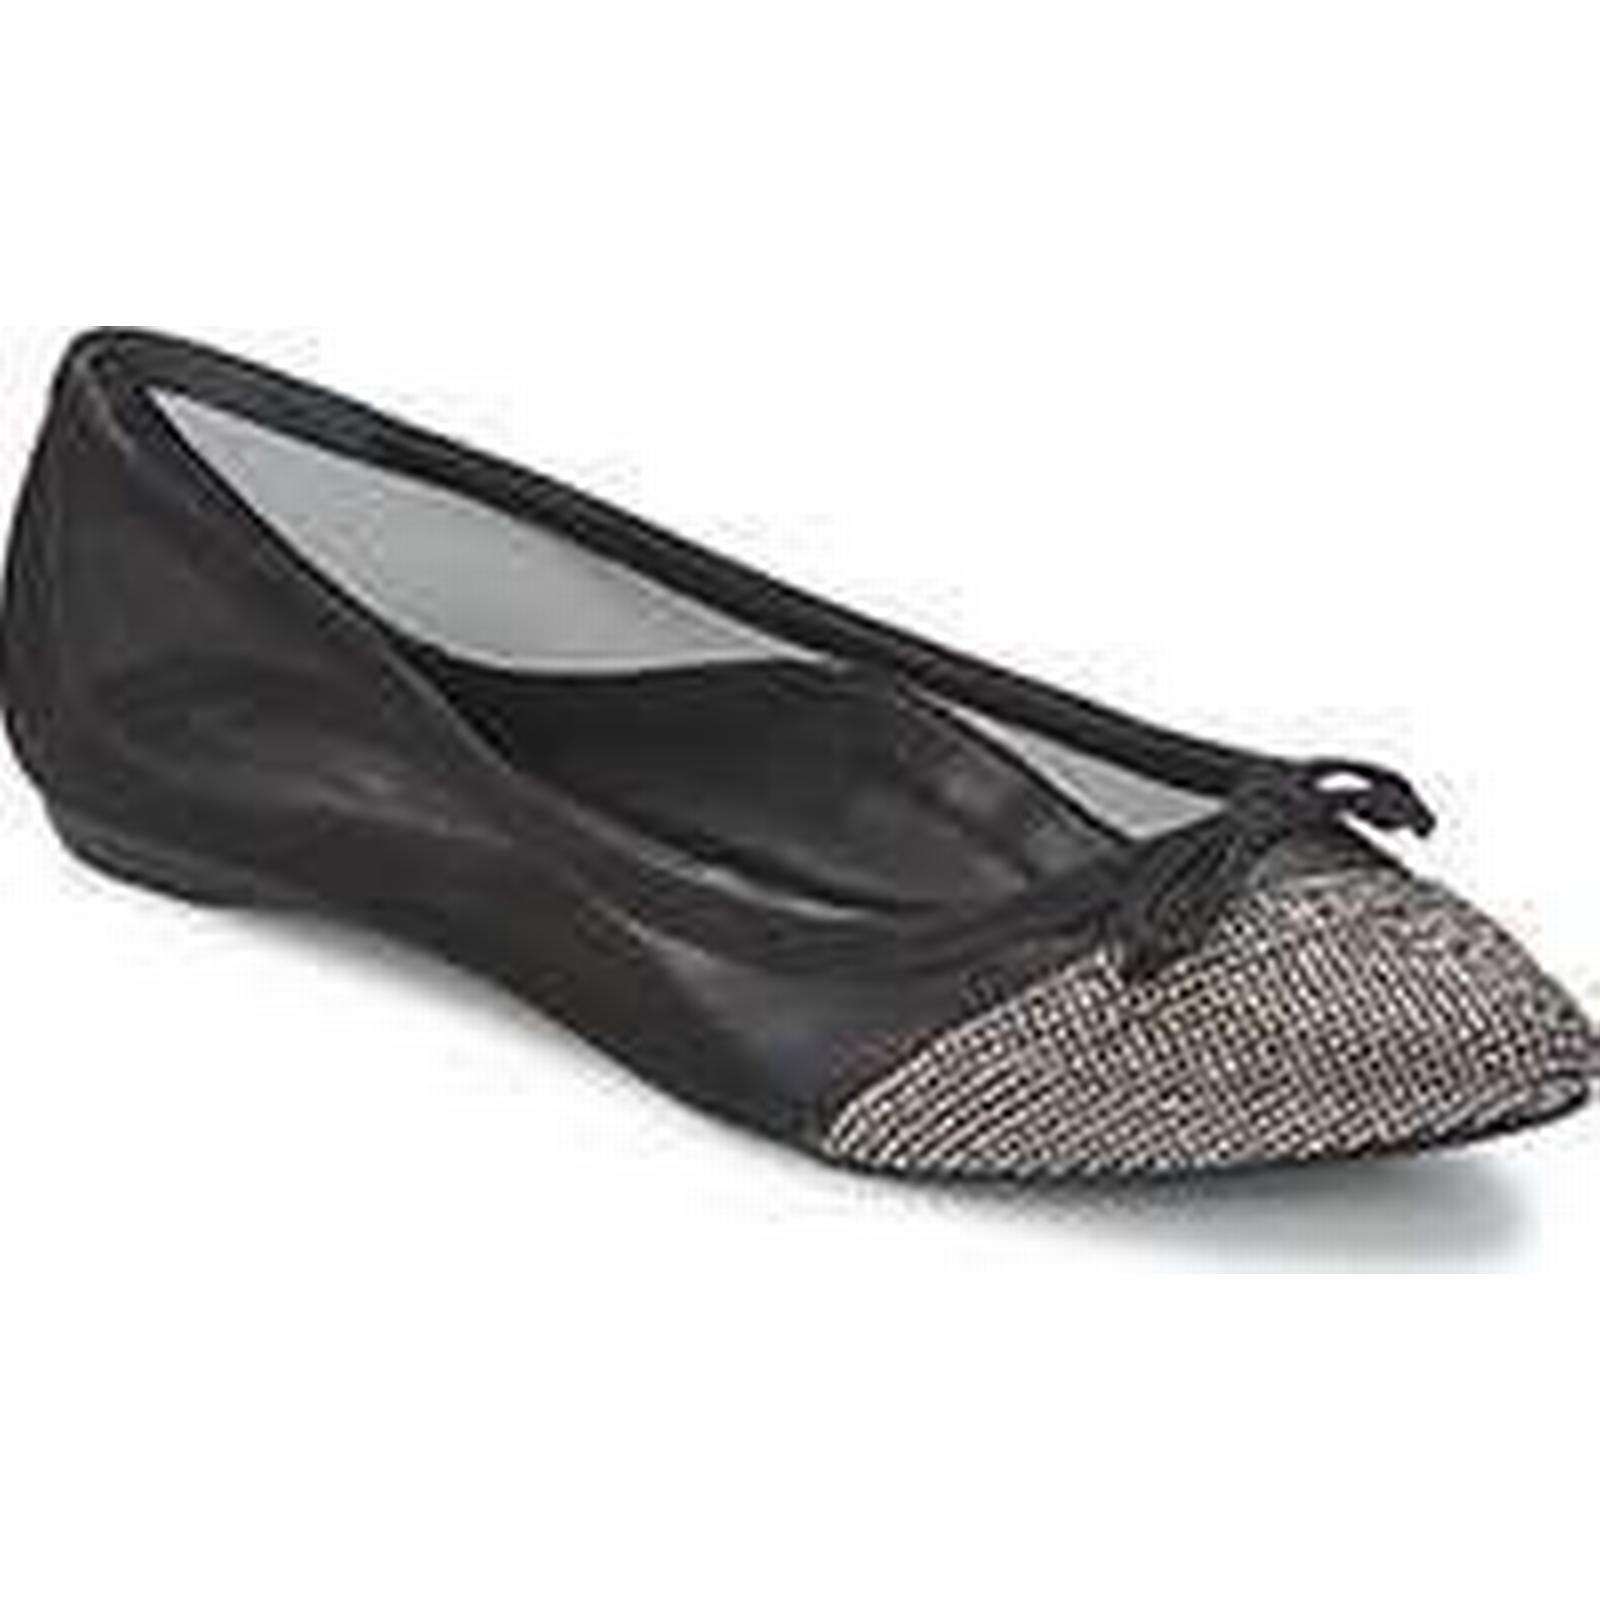 Spartoo.co.uk Schutz KANI women's in Shoes (Pumps / Ballerinas) in women's Black 883156